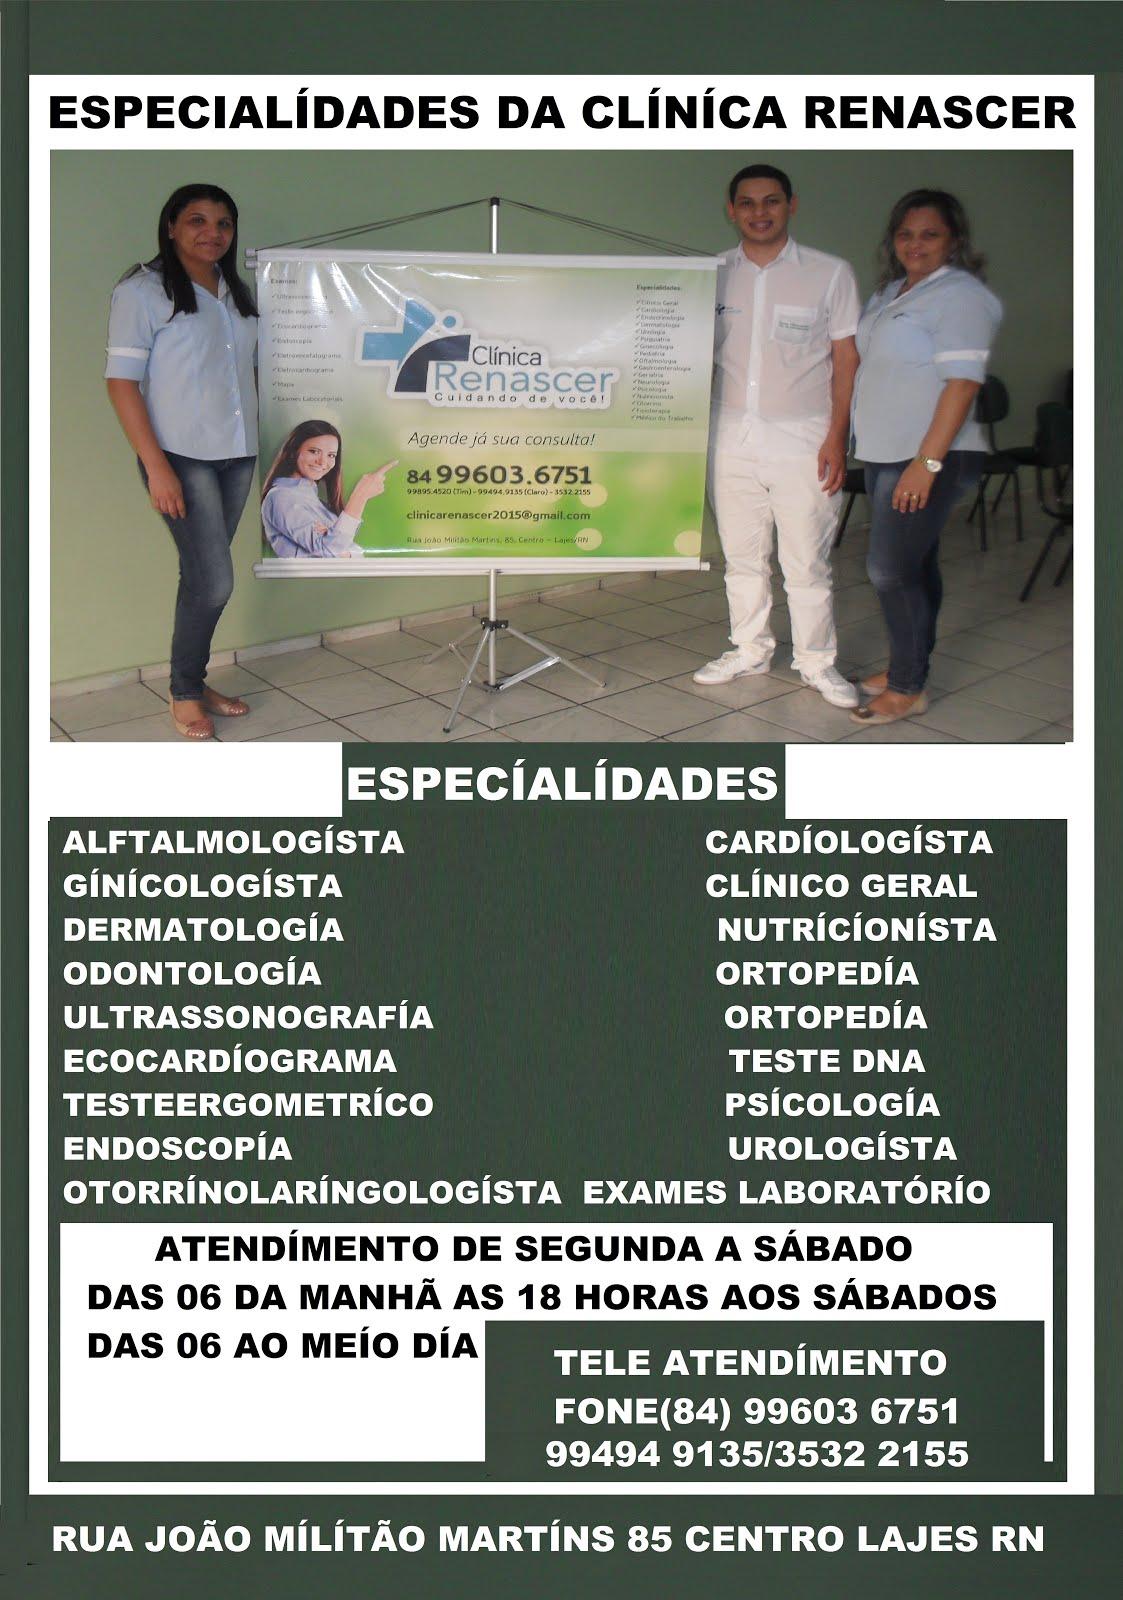 ESPECIALIDADES DA CLINICA RENASCER LAJES RN